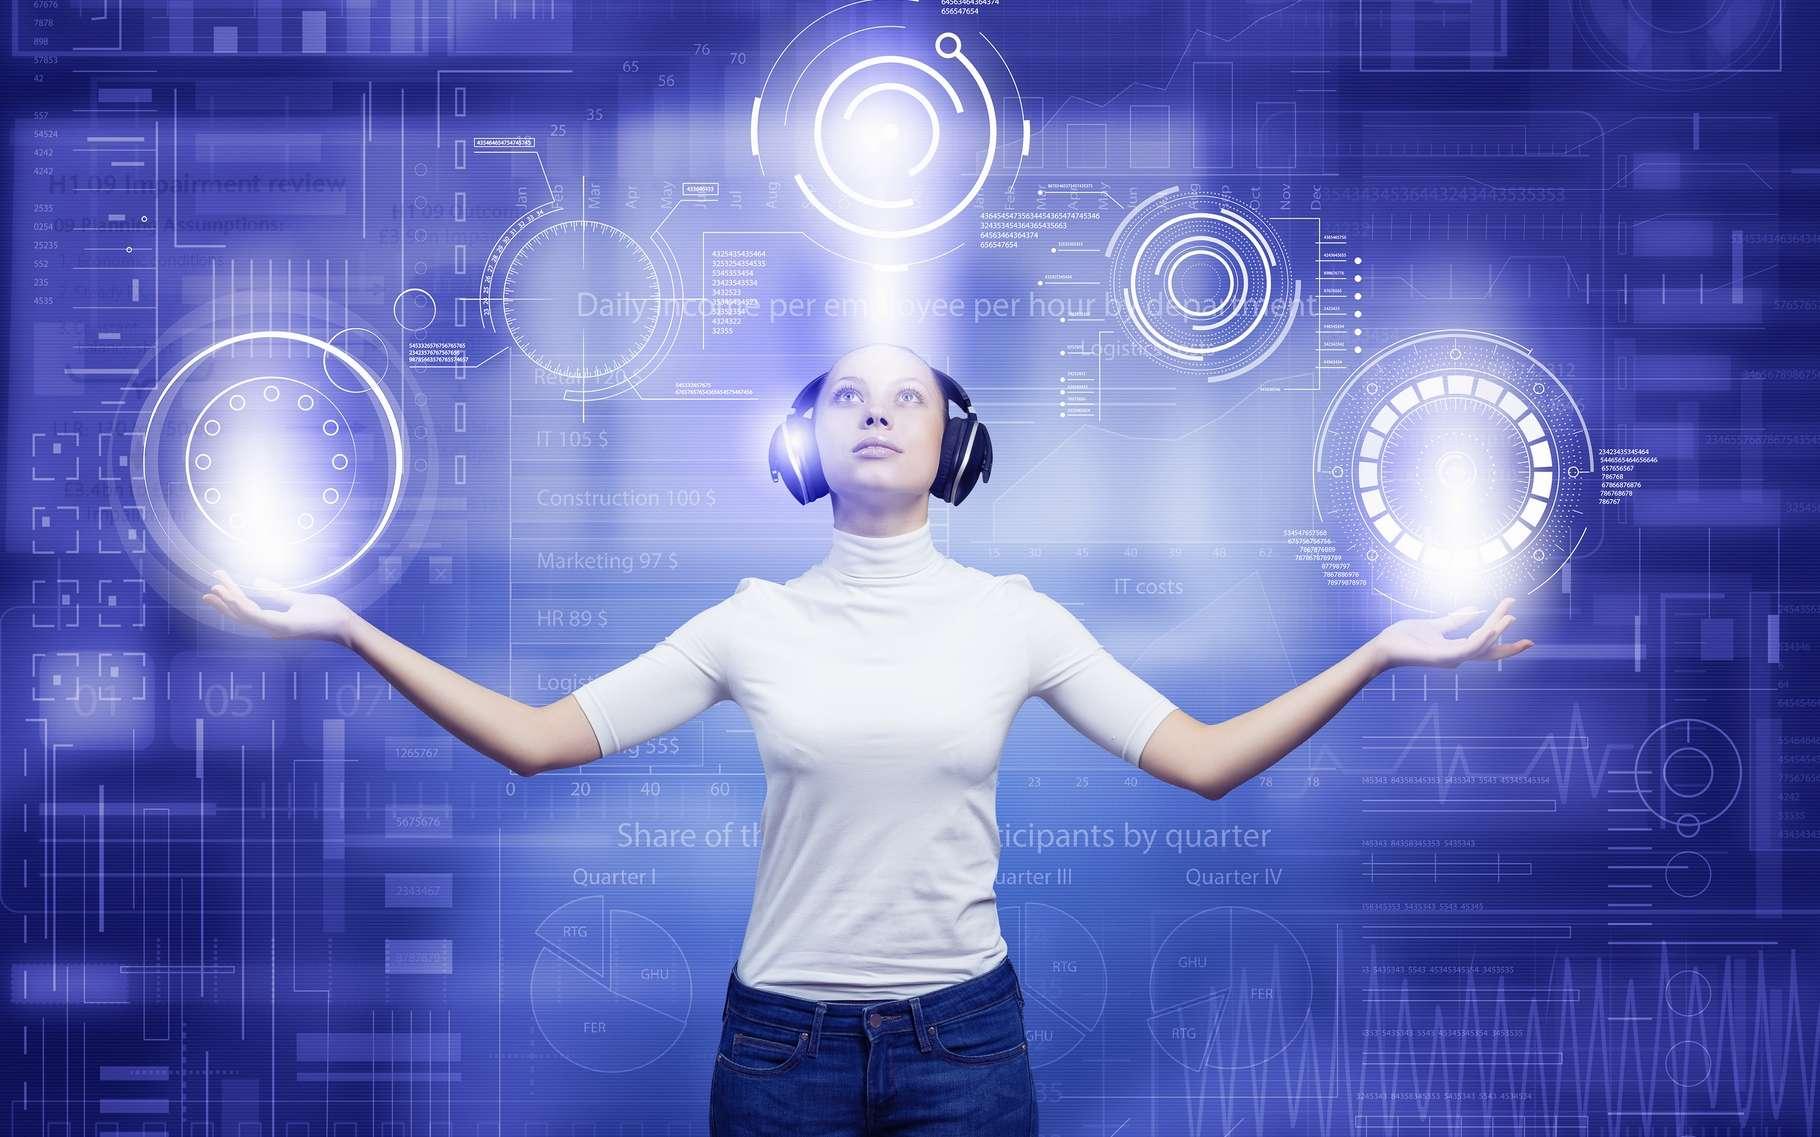 Les objets connectés seraient davantage que des gadgets. Ils emmagasinent des données sur nos vies, qui sont commercialisables. Et ils transforment subrepticement nos habitudes et nos modes de pensée. © Sergey Nivens, Shutterstock